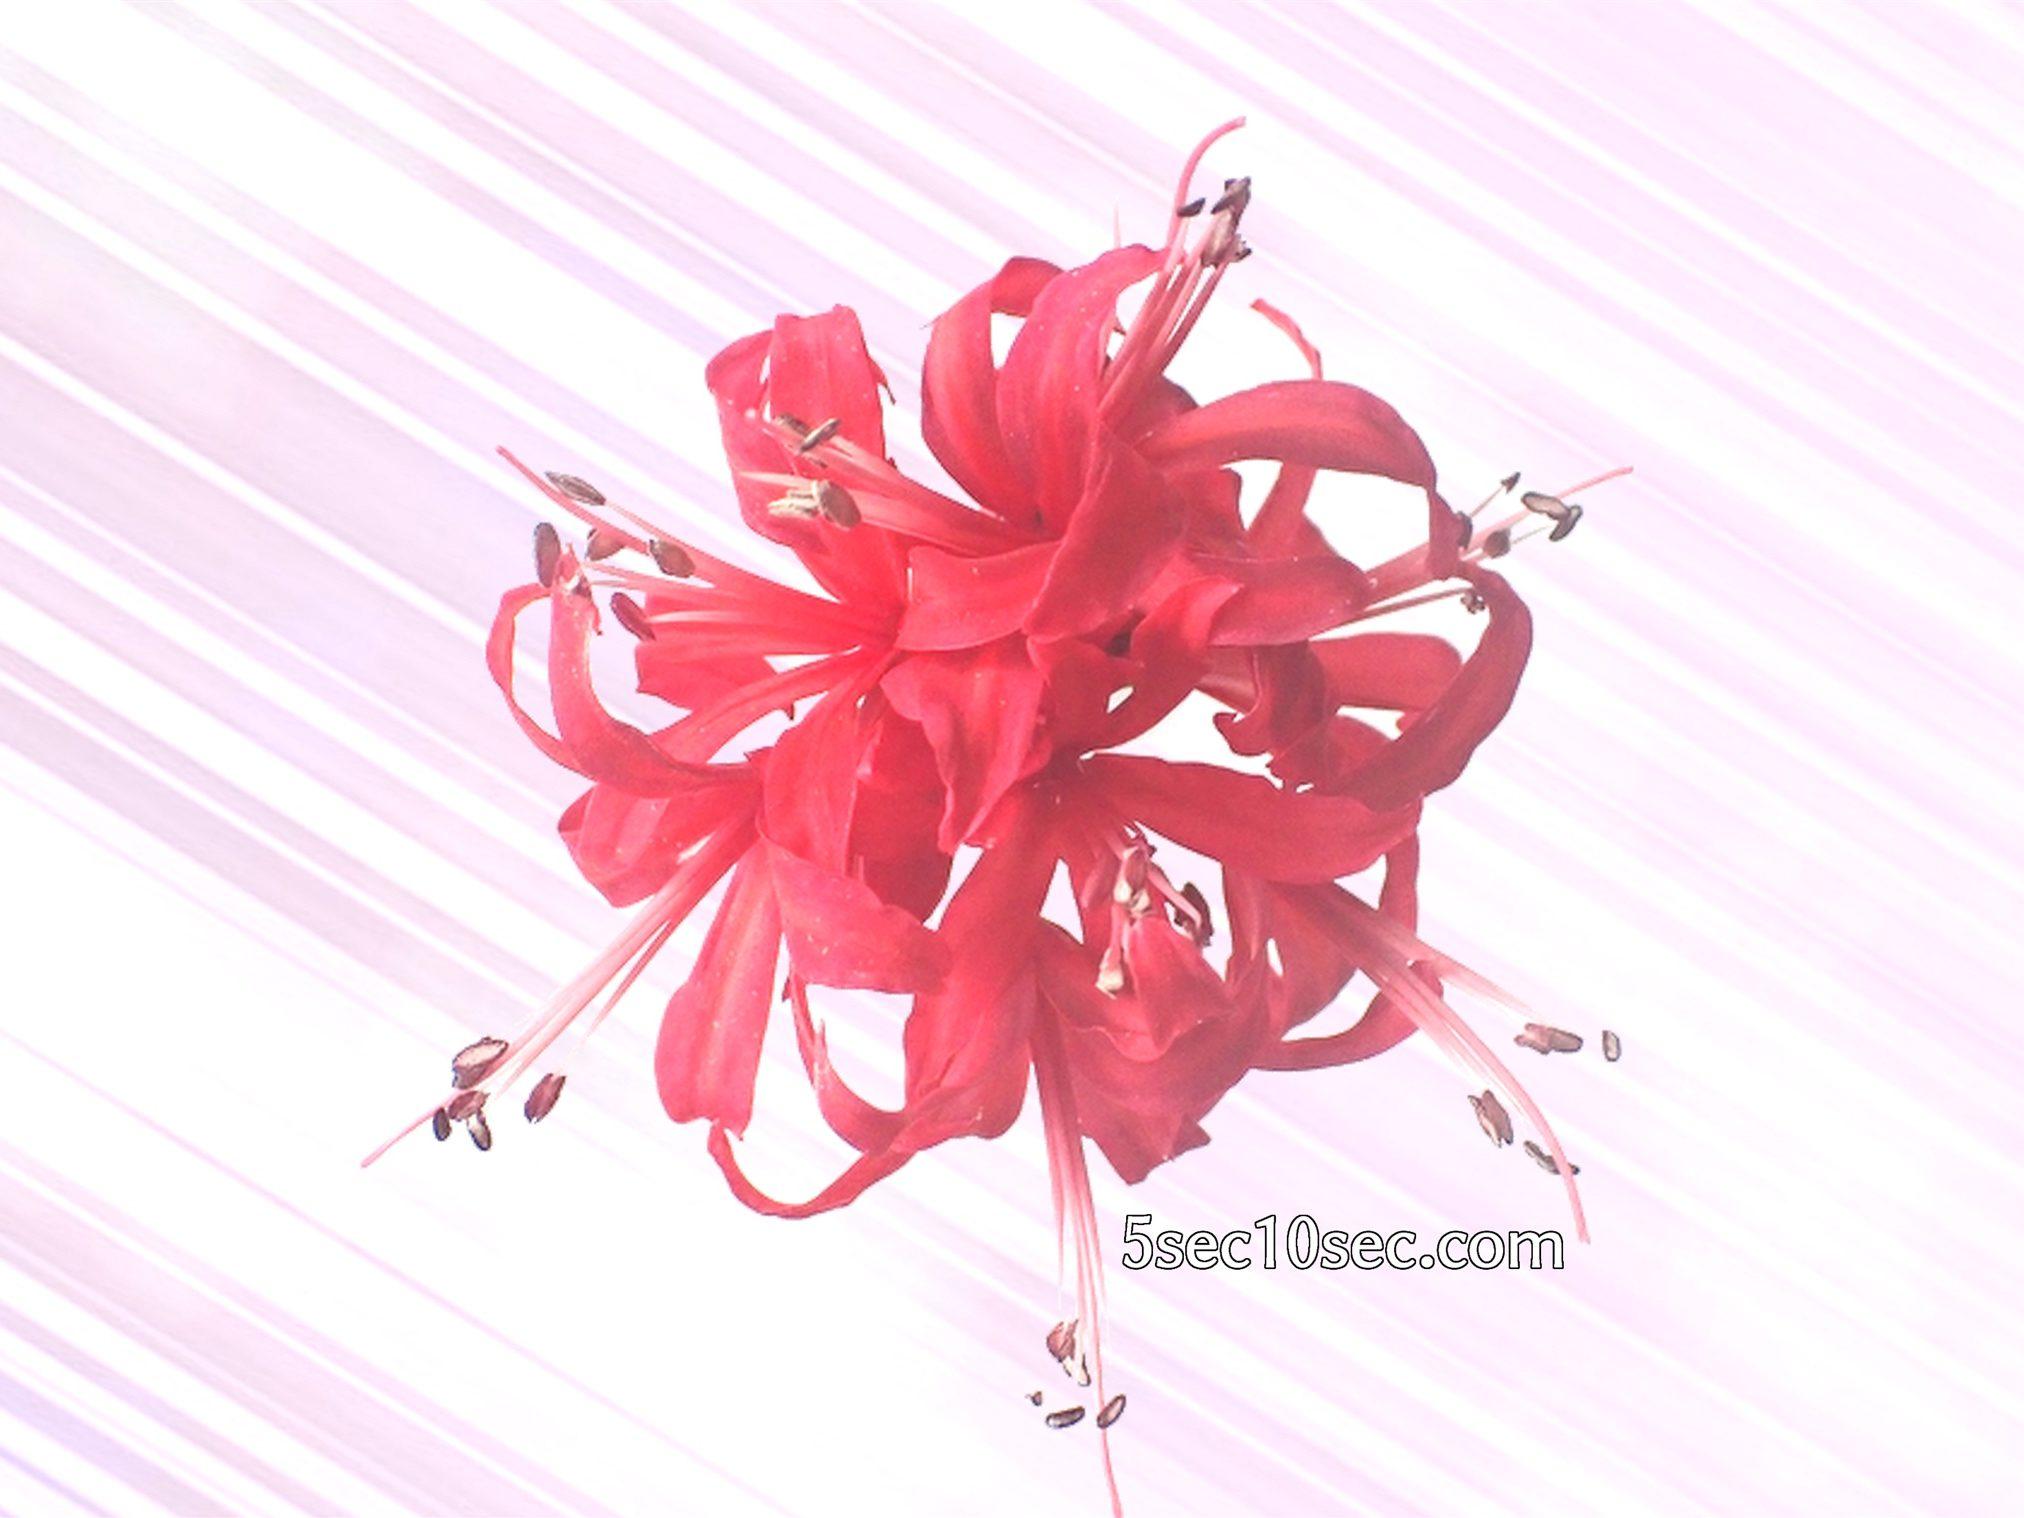 株式会社Crunch Style お花の定期便 Bloomee LIFE ブルーミーライフ 800円のレギュラープラン 透明化したお花の写真を素材として使う